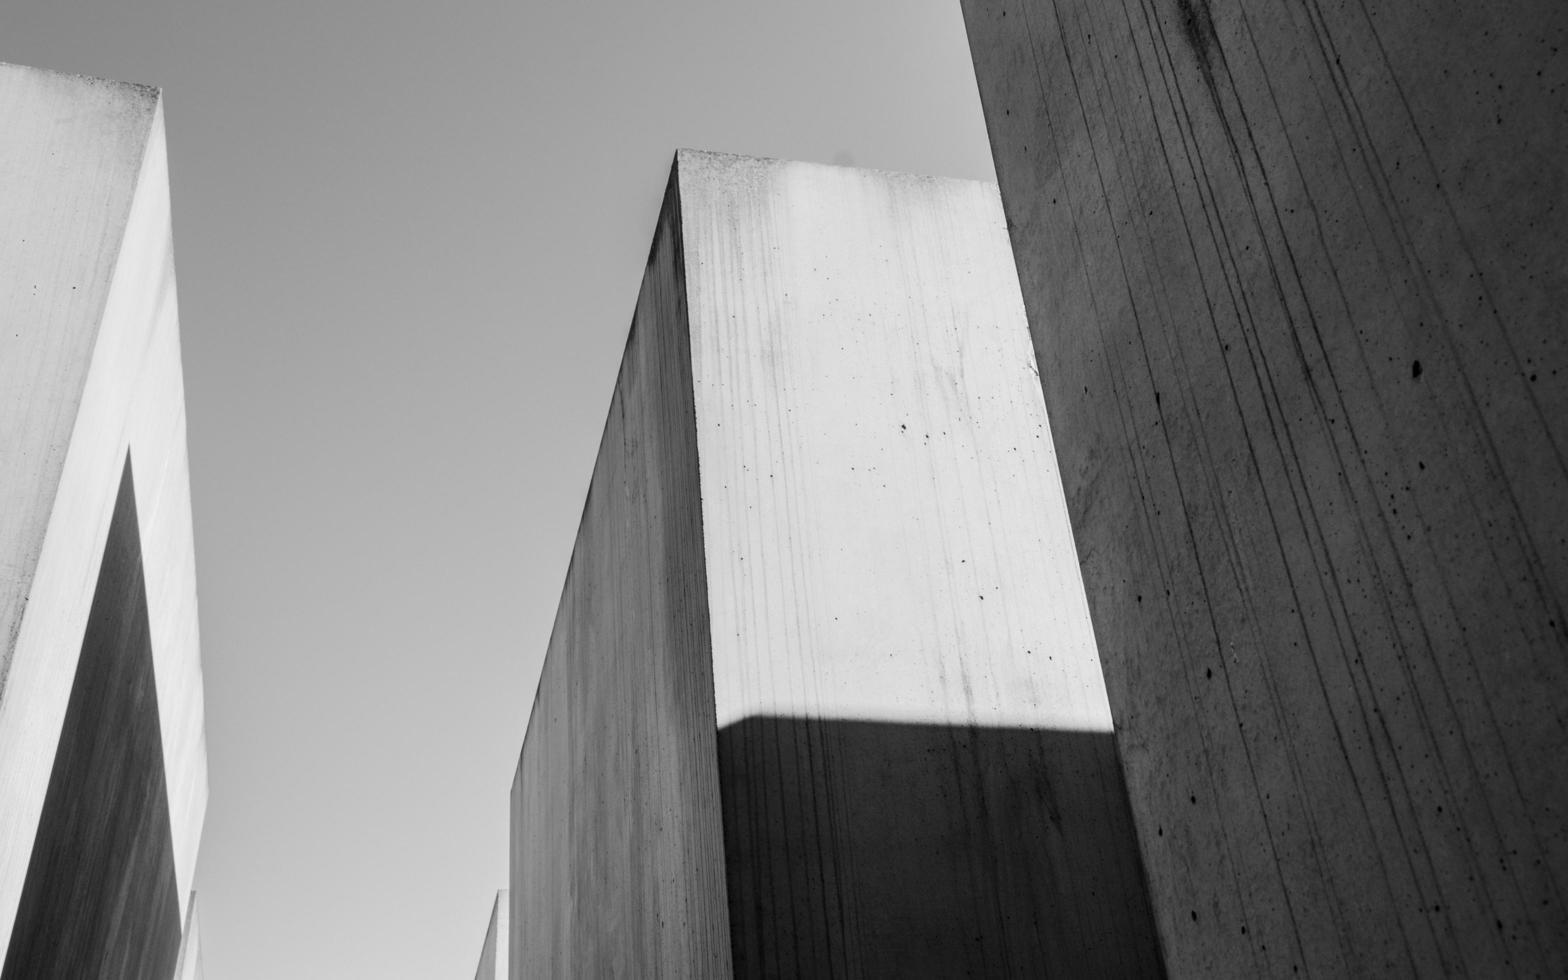 foto in bianco e nero di cemento